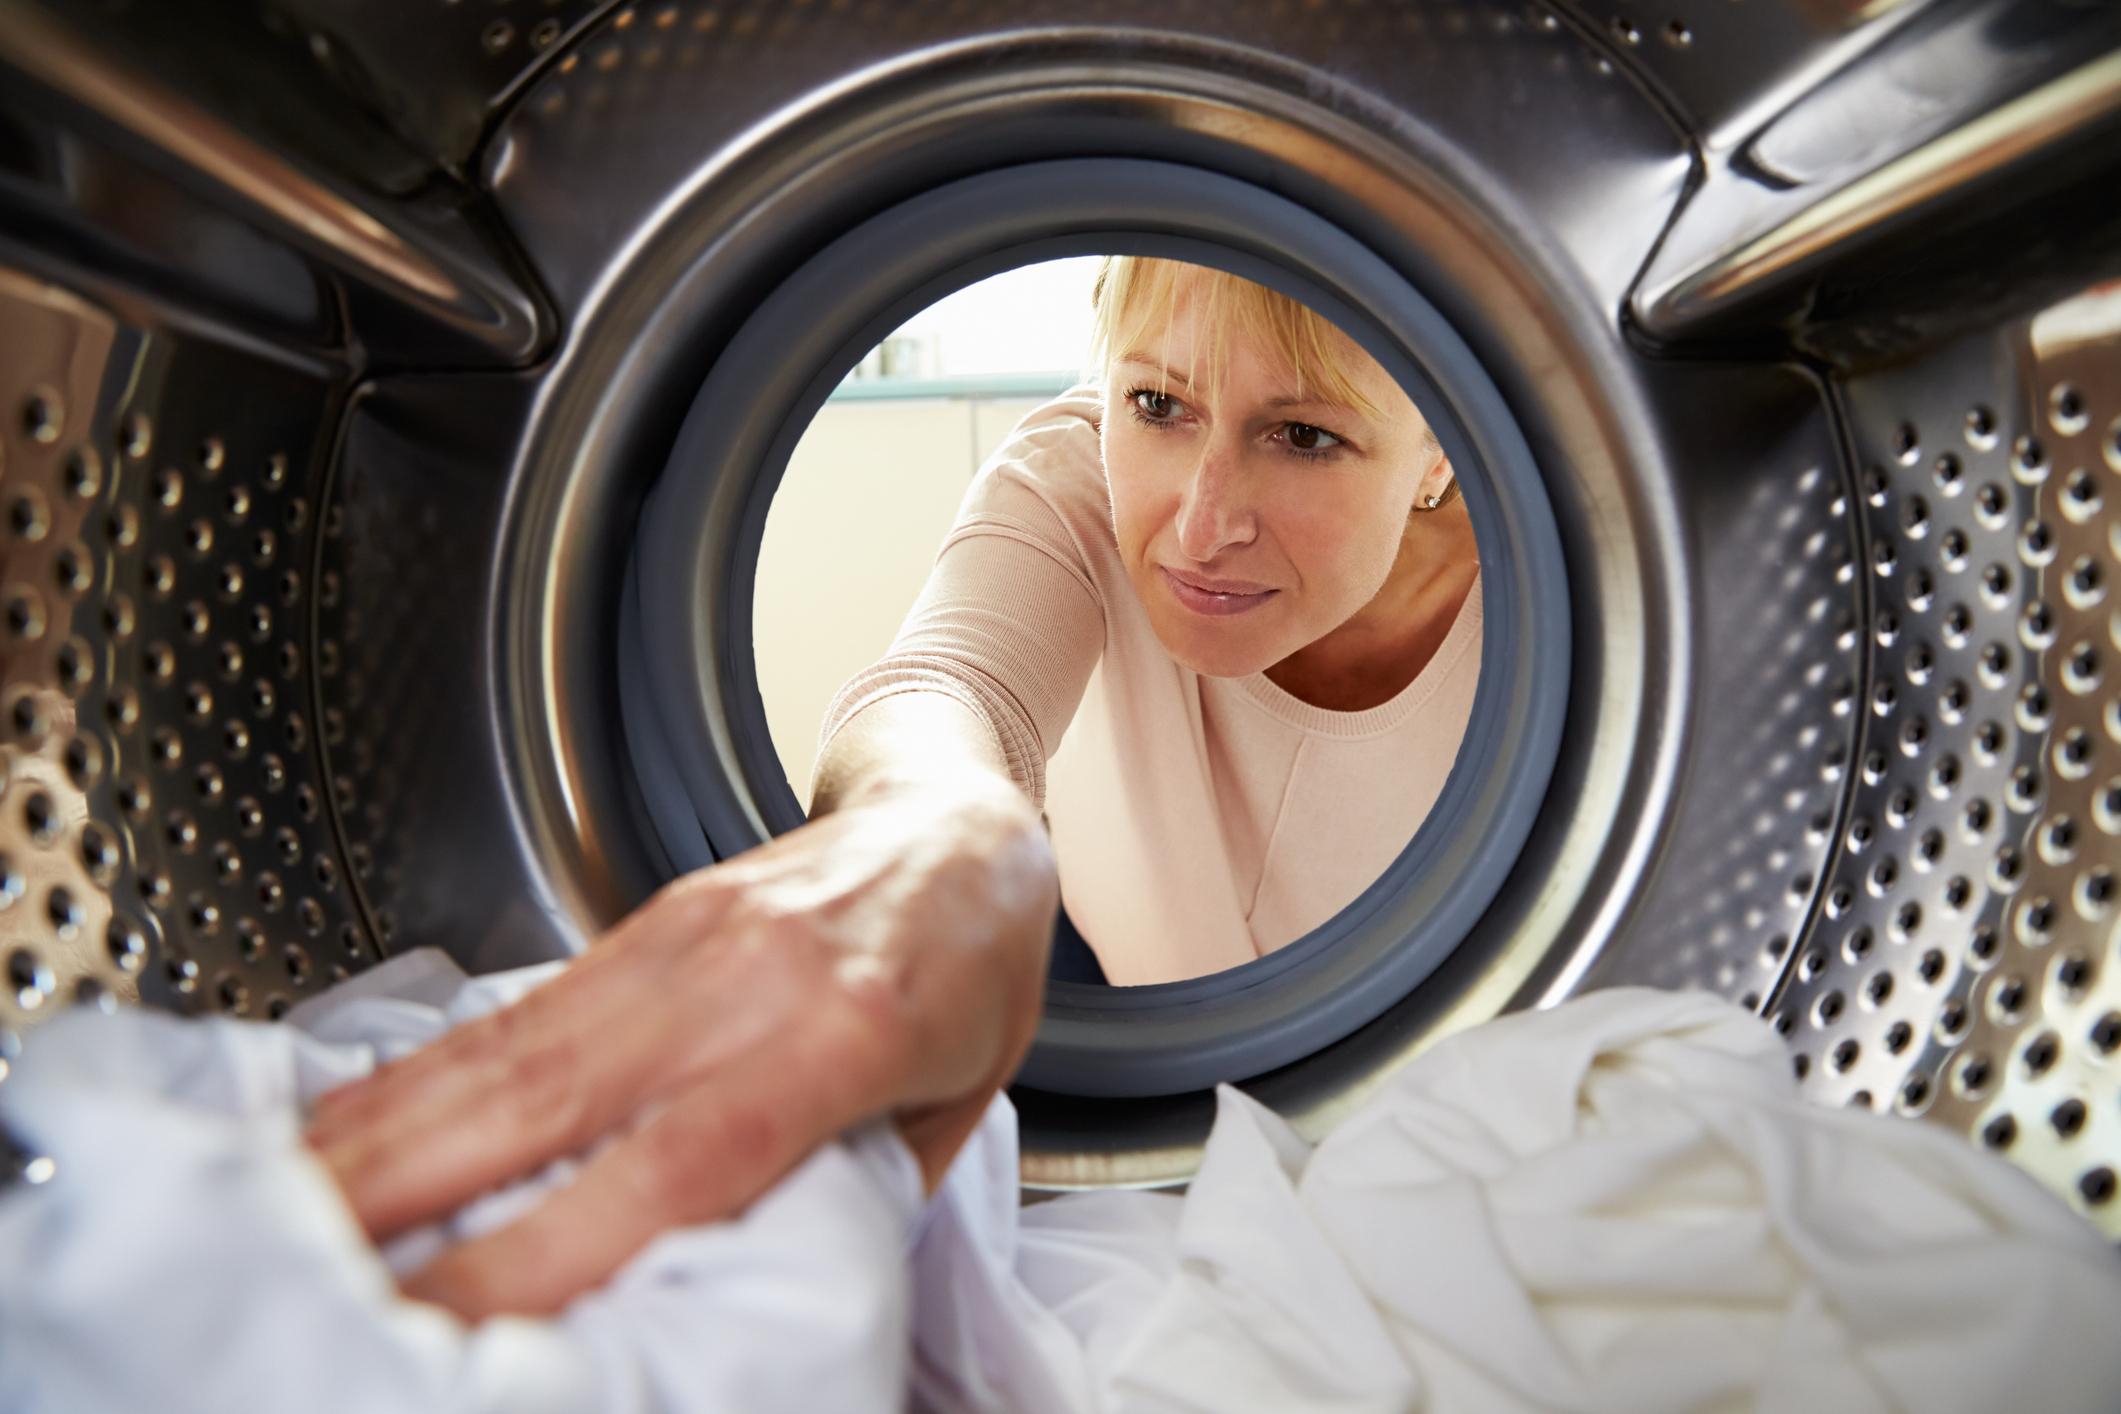 Turbo Der Wäschetrockner stinkt? Das können Sie tun | UPDATED ZG21